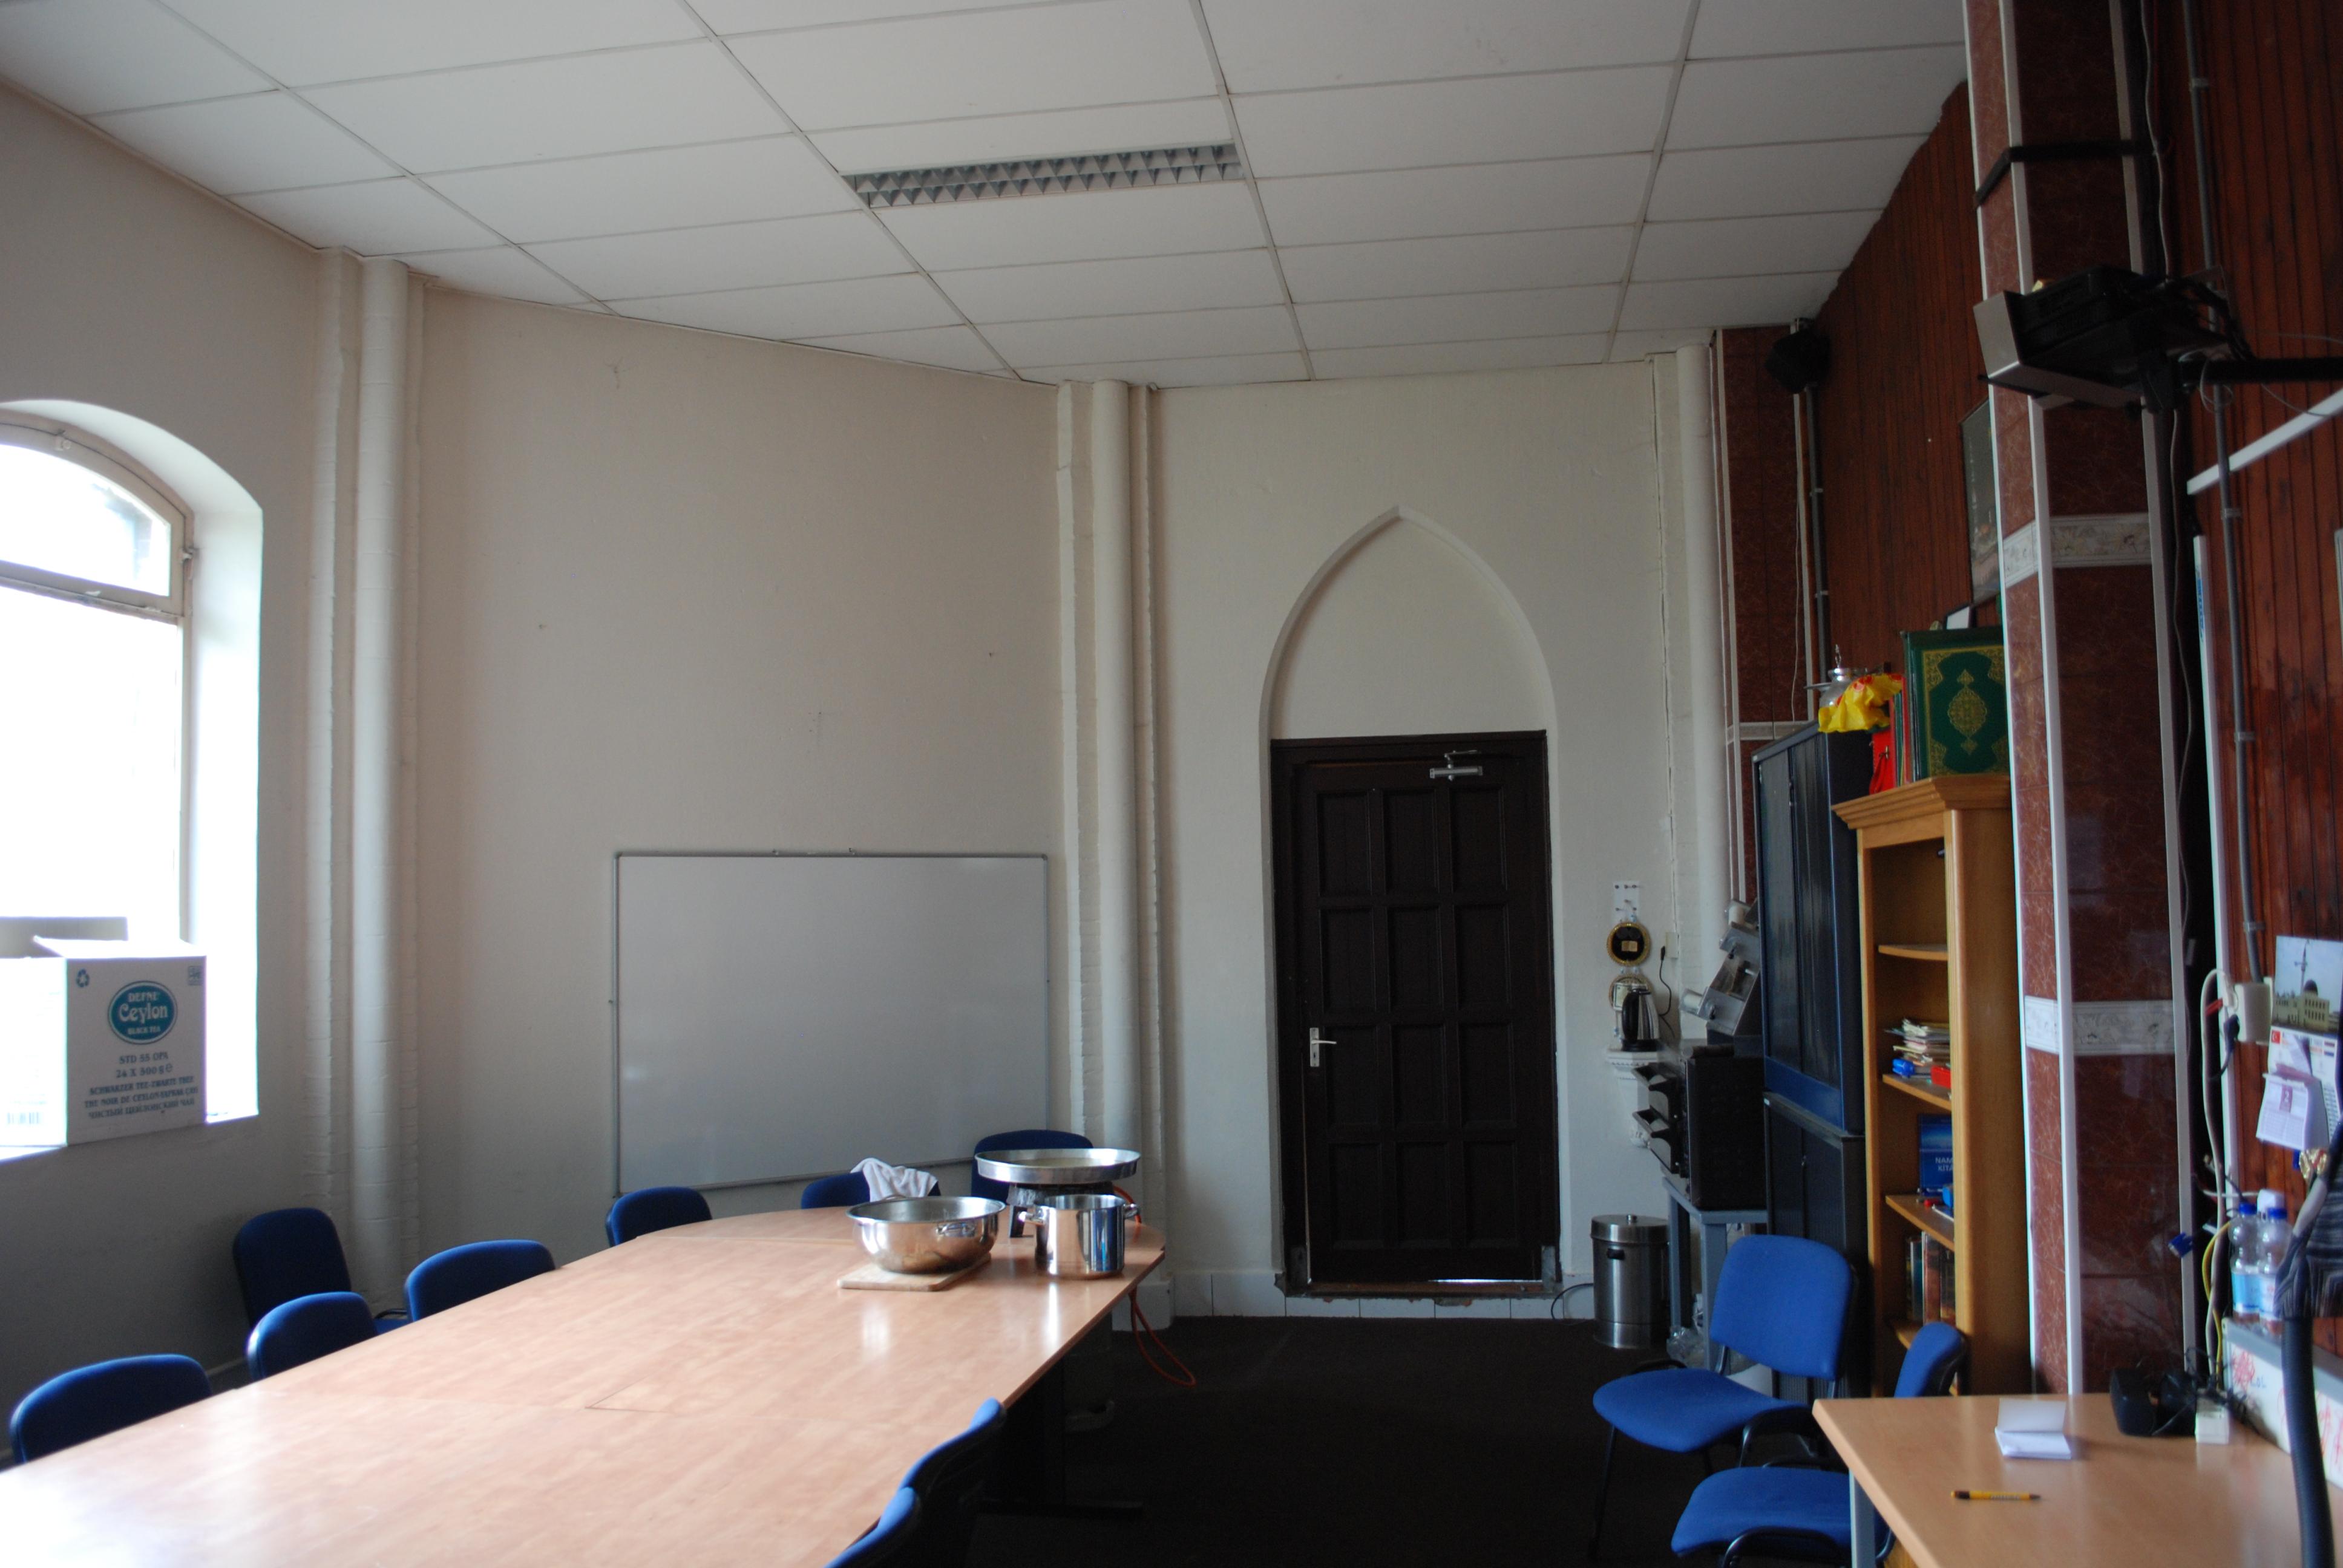 De enige extra ruimte voor alle niet religieuze bezigheden de erfgoedstem - Organiseren ruimte voor een extra ...